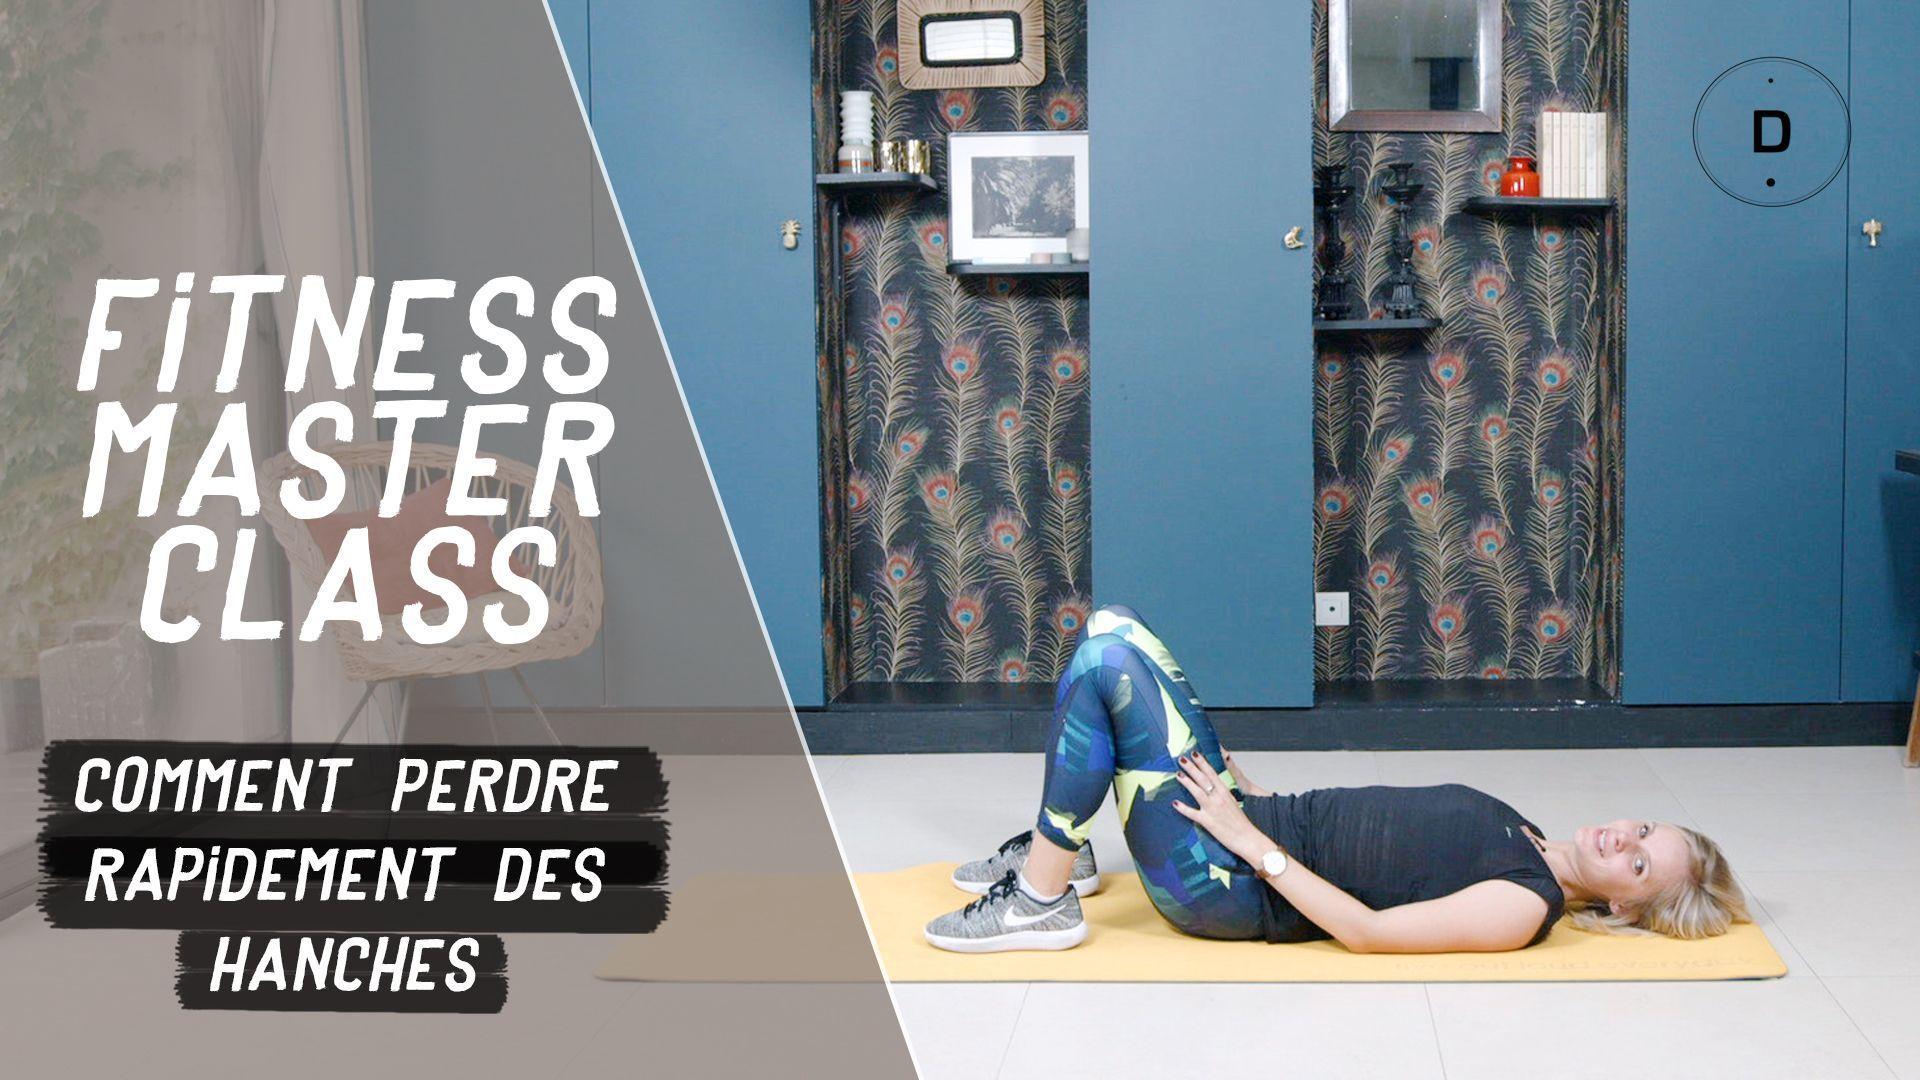 Comment perdre rapidement des hanches? (20 min) - Fitness ...